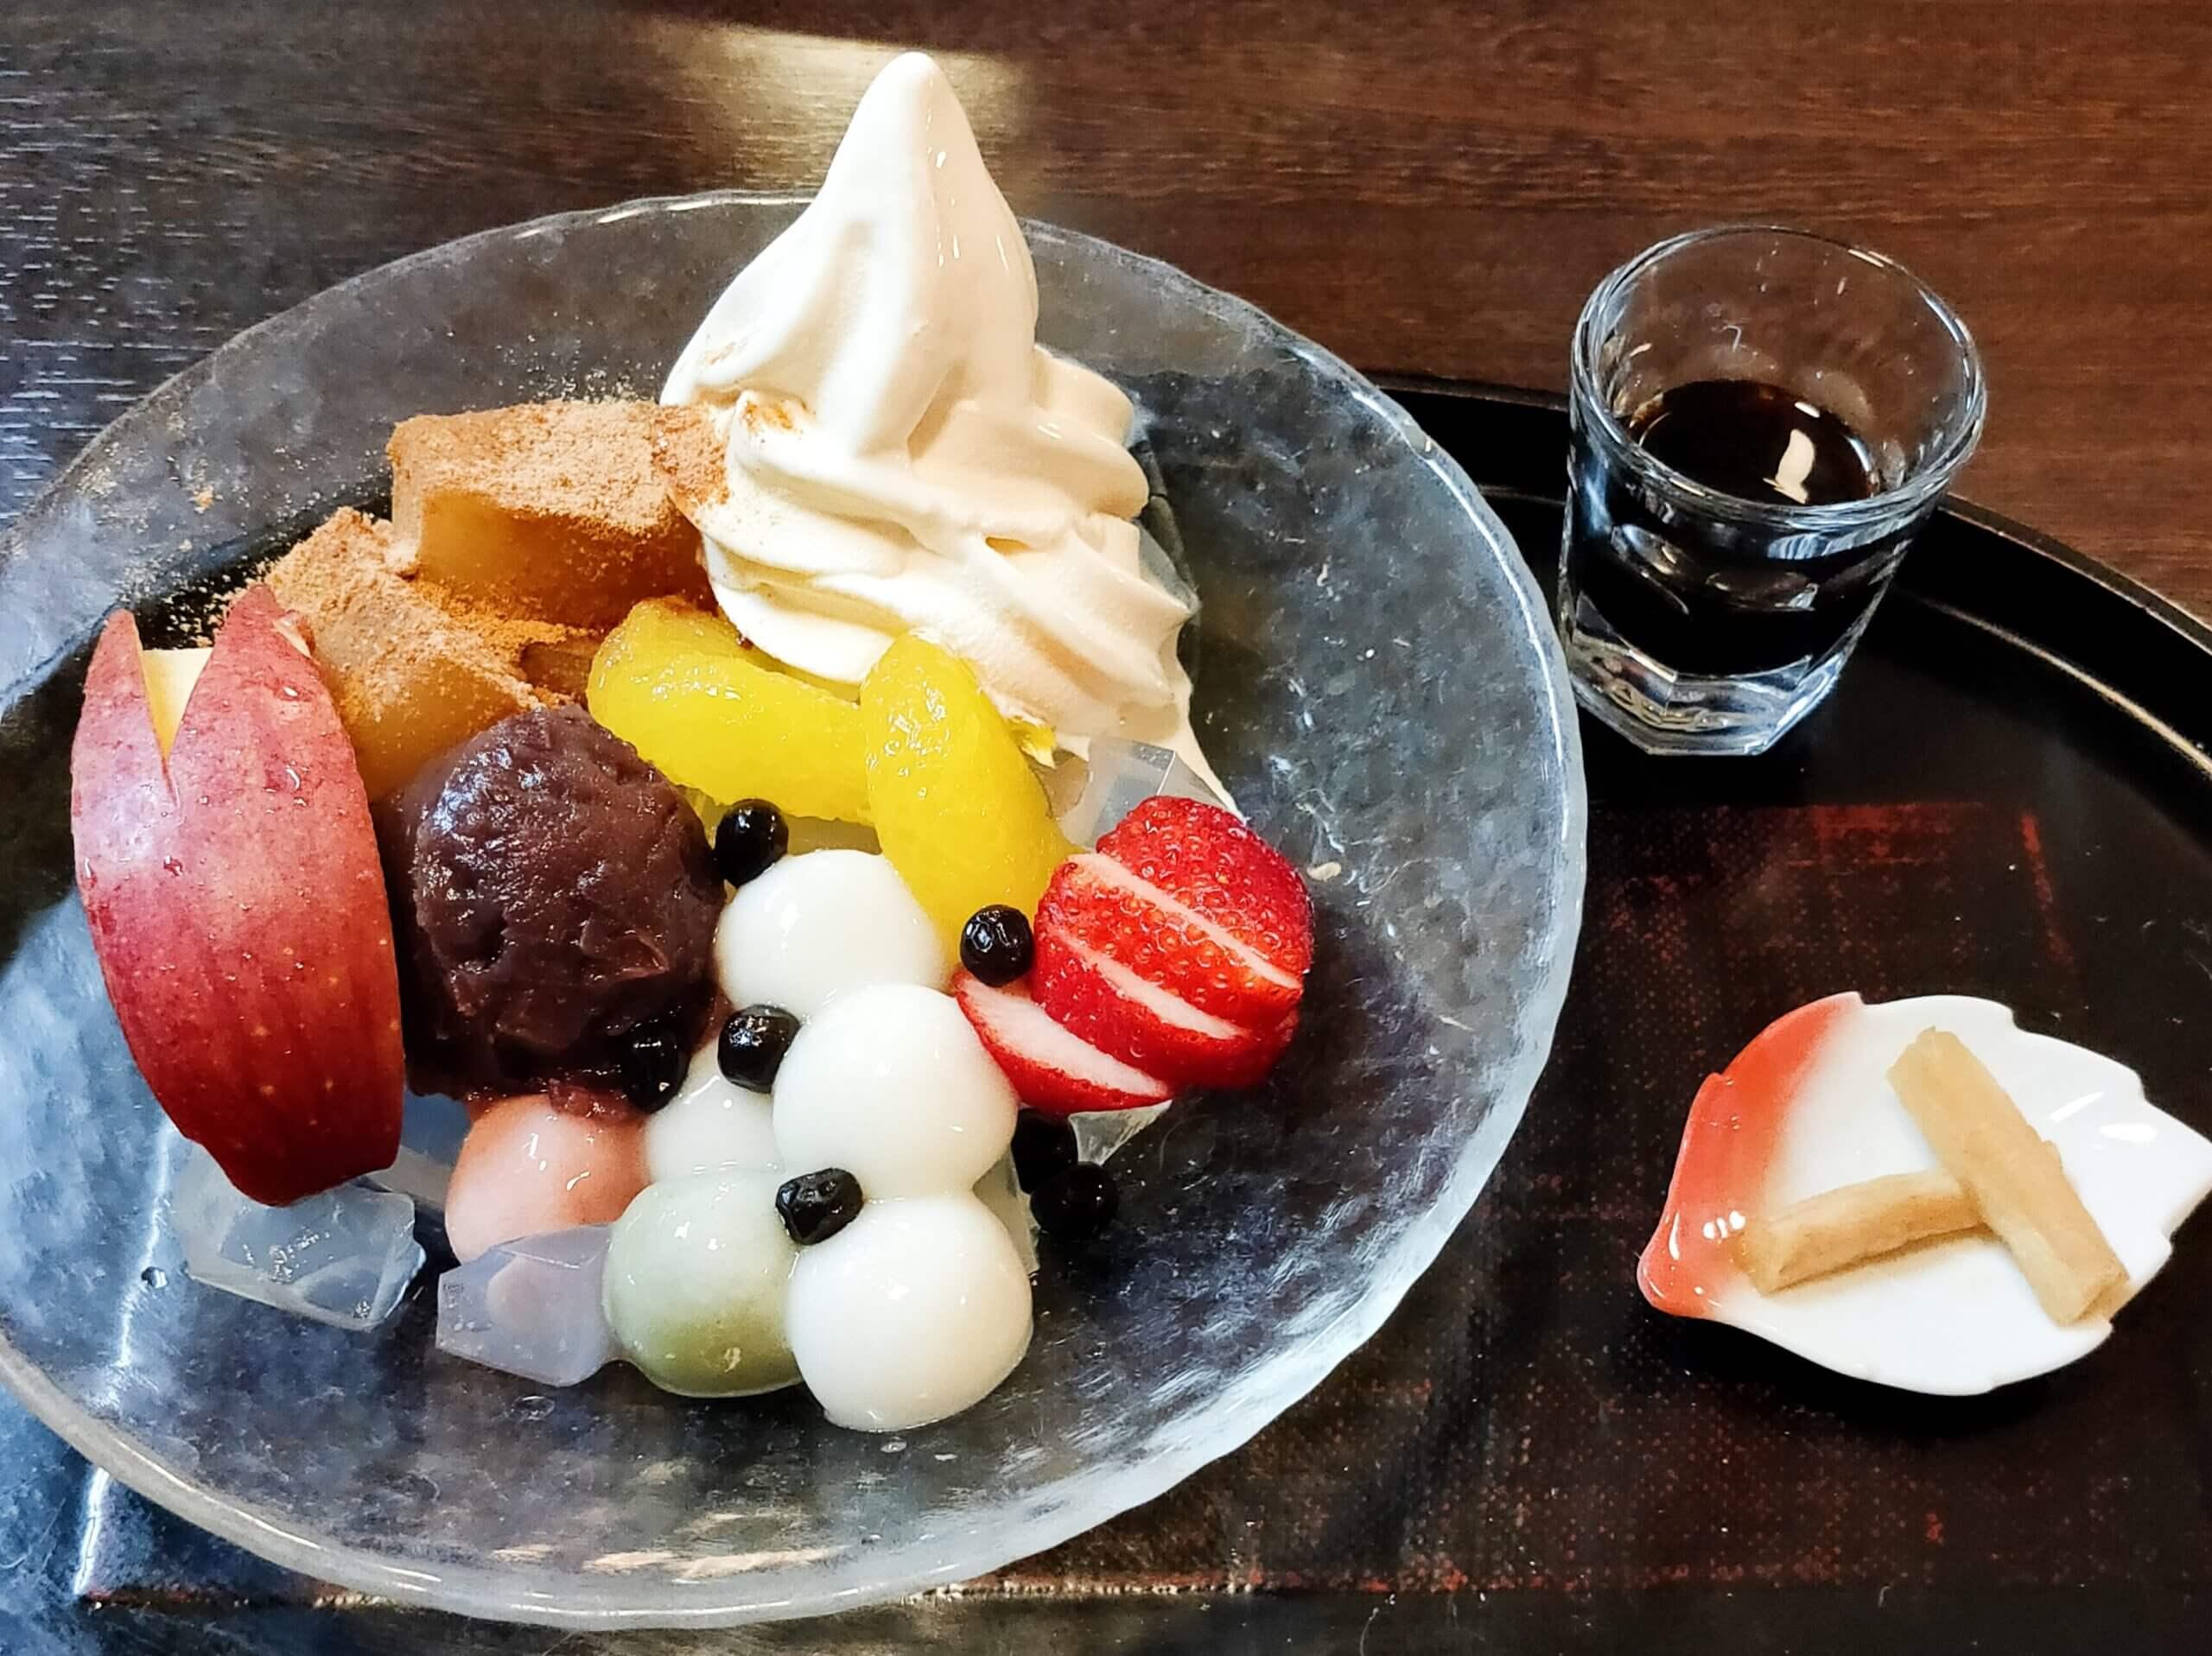 【白玉屋新三郎】こだわりの老舗白玉粉やさん♪白玉甘味や洋食が頂けるレストランも併設《八代郡氷川町》